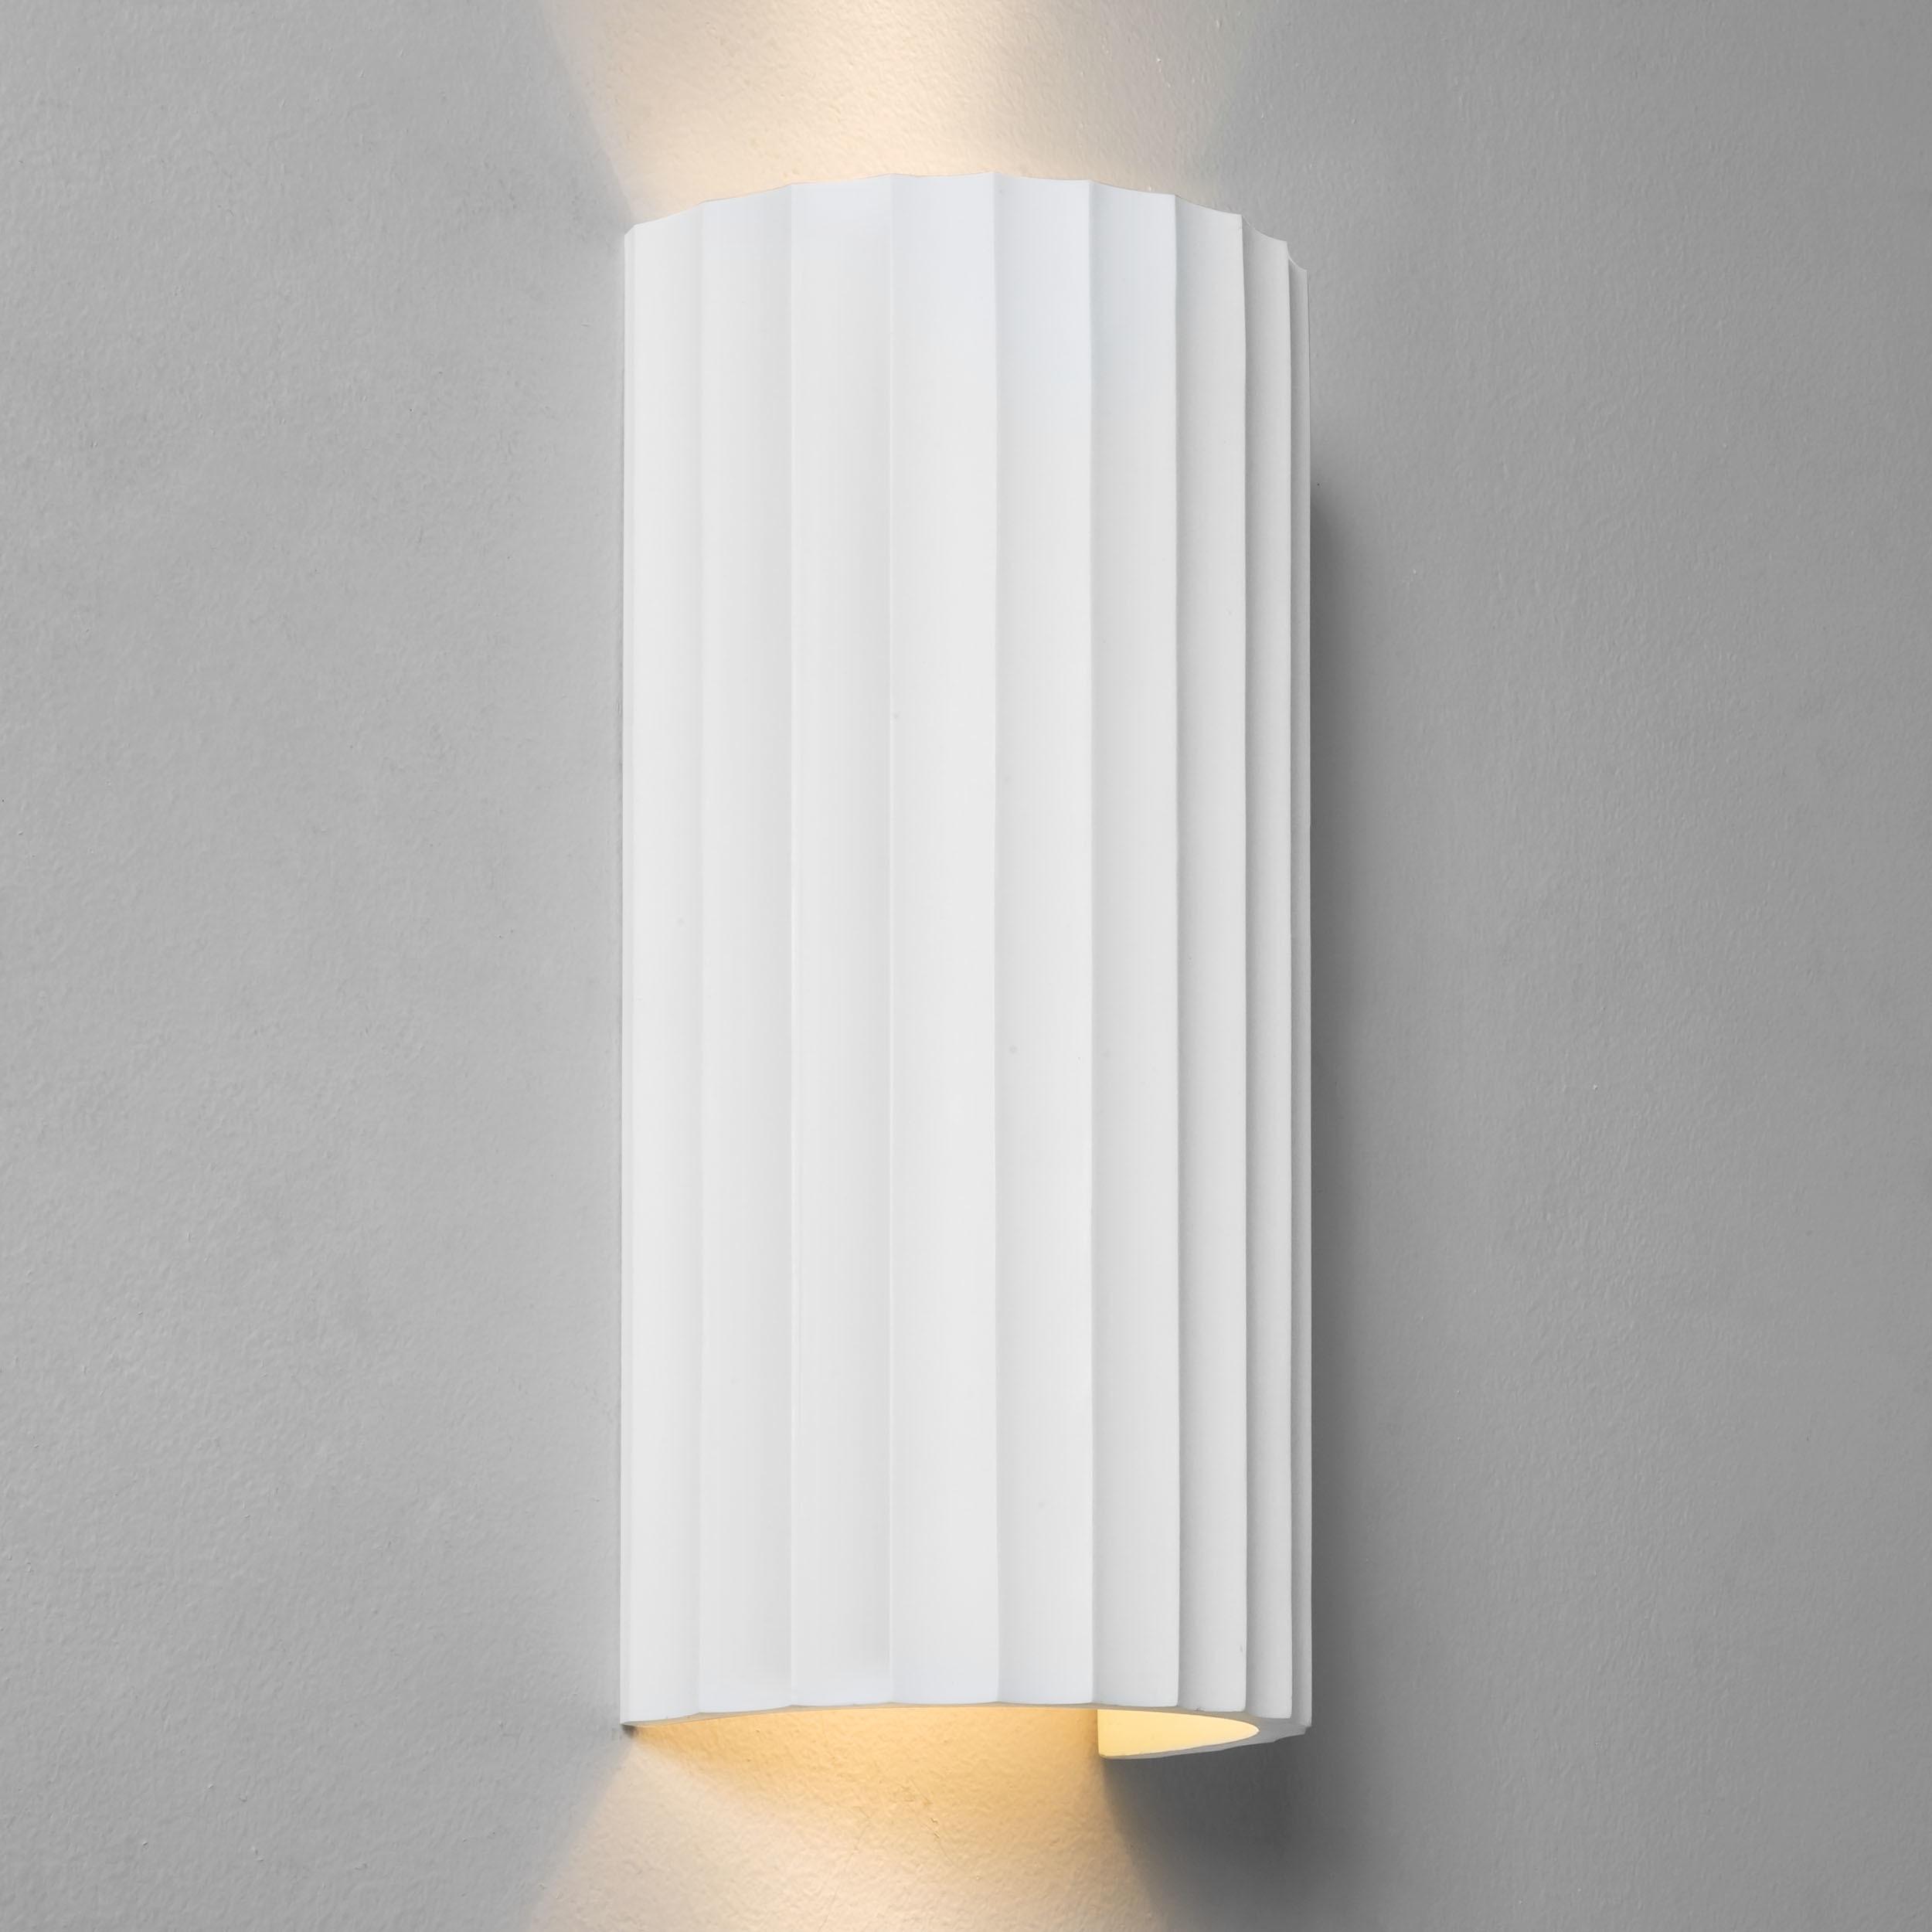 Настенный светильник Astro Kymi 1335003 (7258), 2xGU10x50W, белый, под покраску, гипс - фото 1